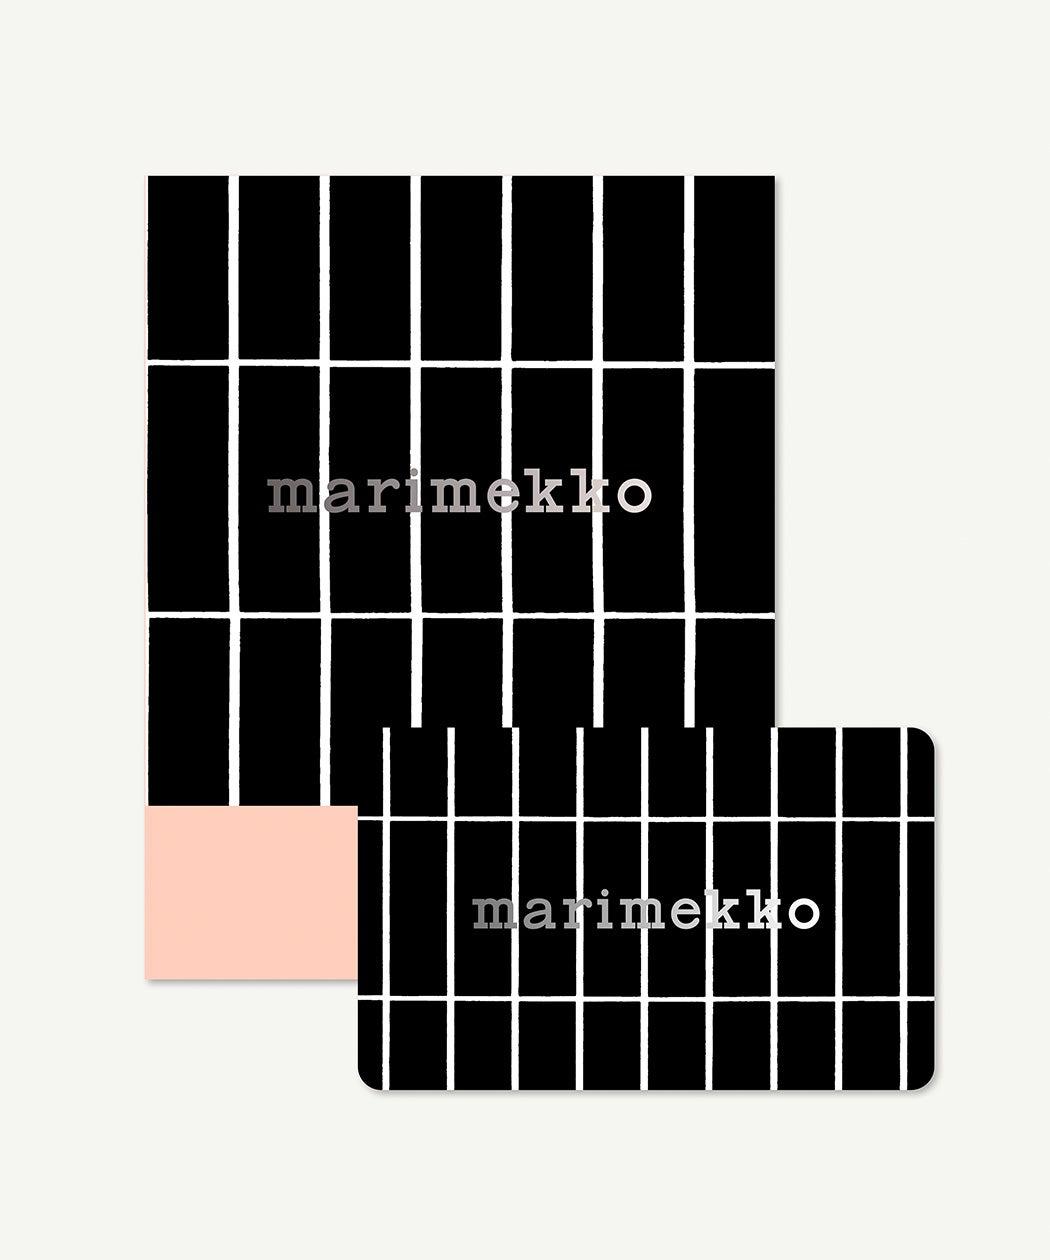 Marimekko gift card